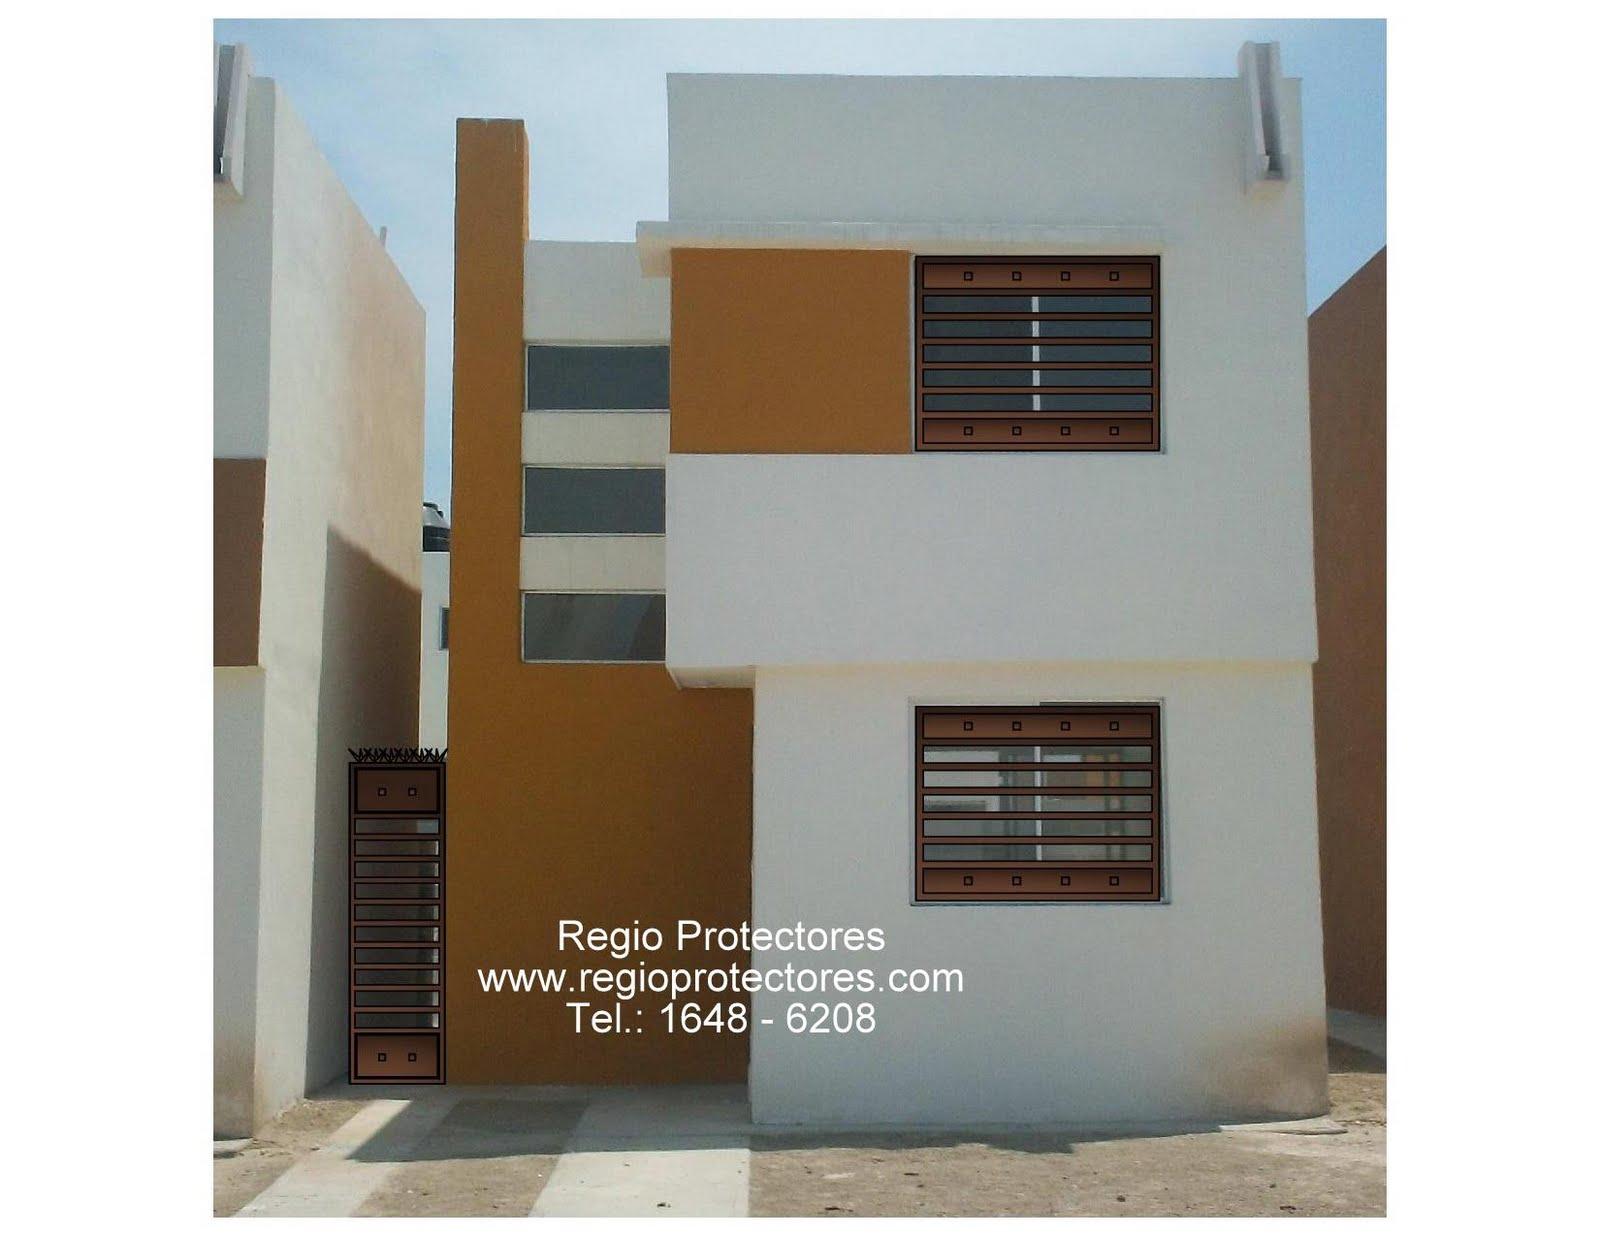 Protectores para ventanas y puertas, H. M. Fracc. Esmeralda Sur, Foto